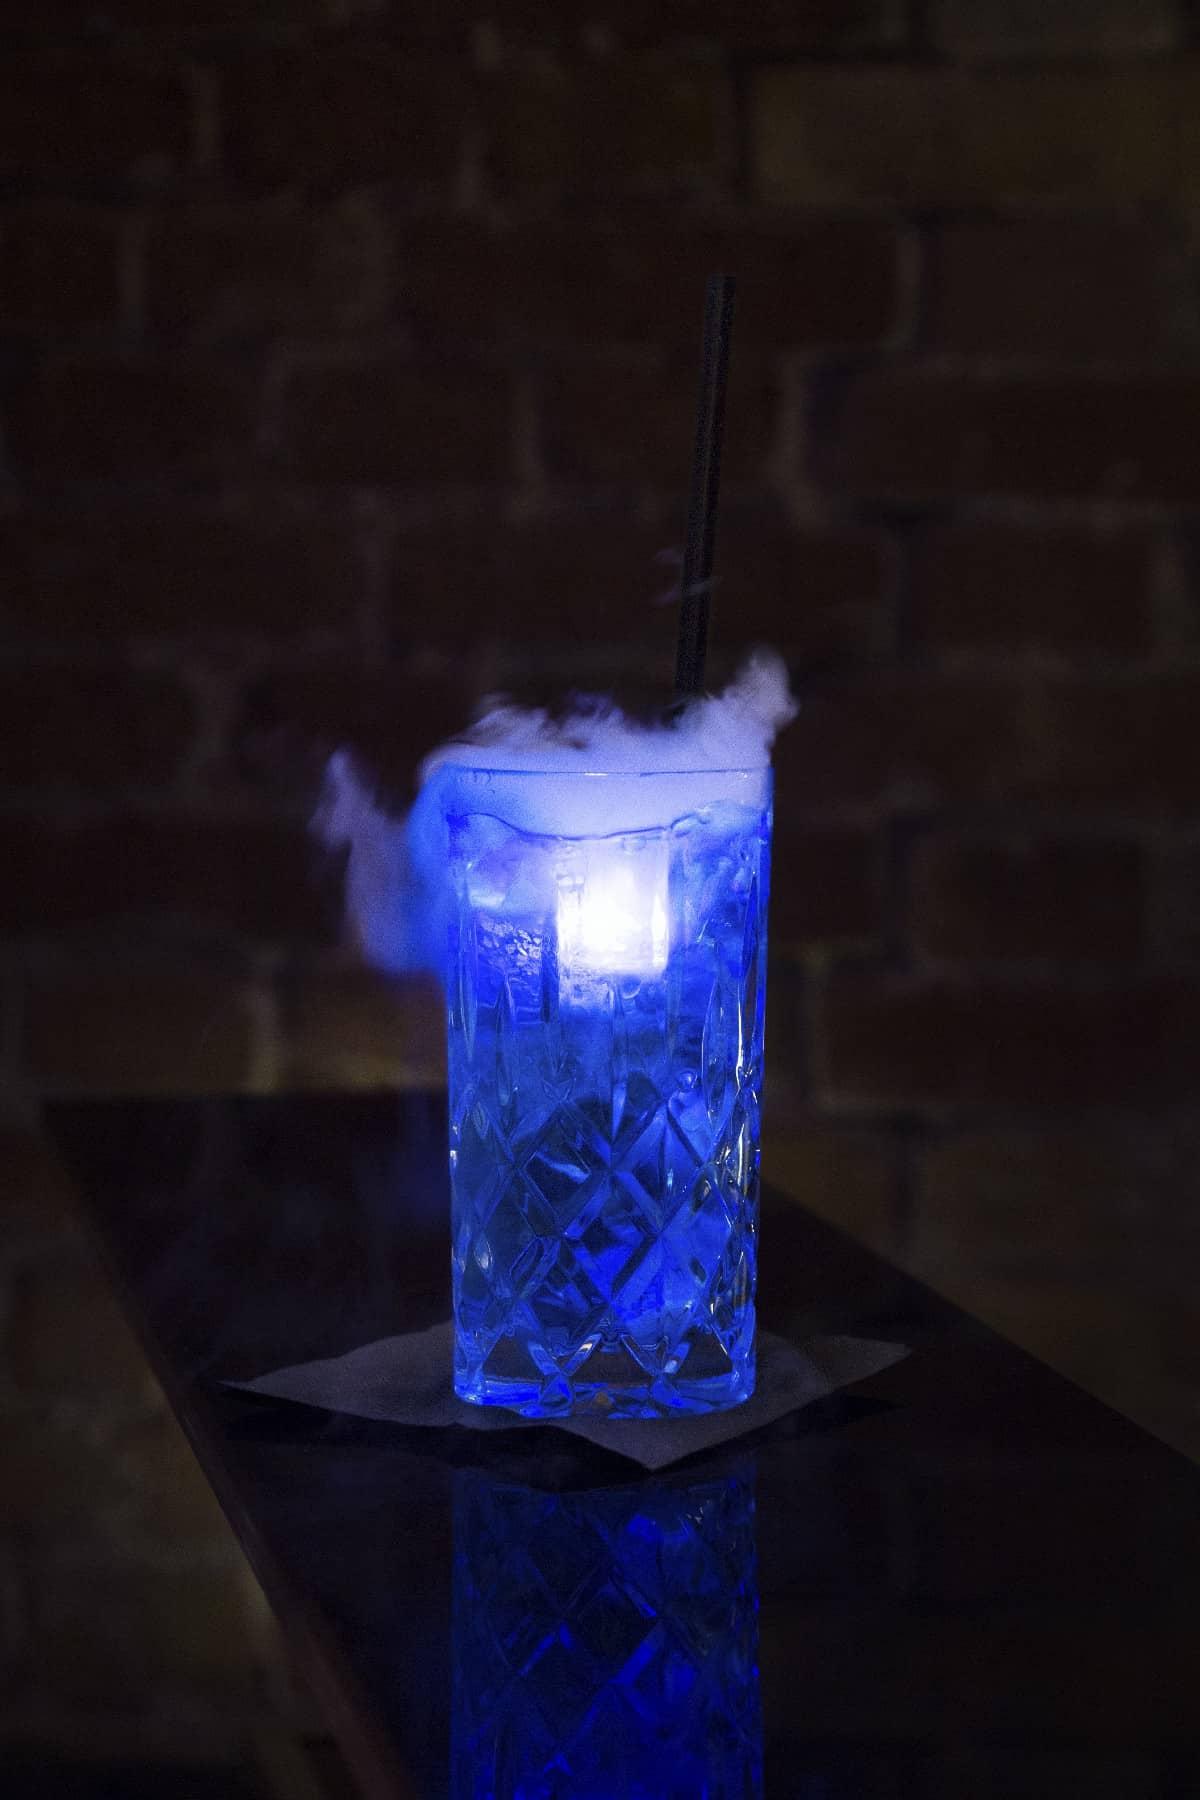 Rezeptur Blue Electric Vodkam Blue Curacao, Tonic Wasser, Trockeneis, LED Eiswürfel